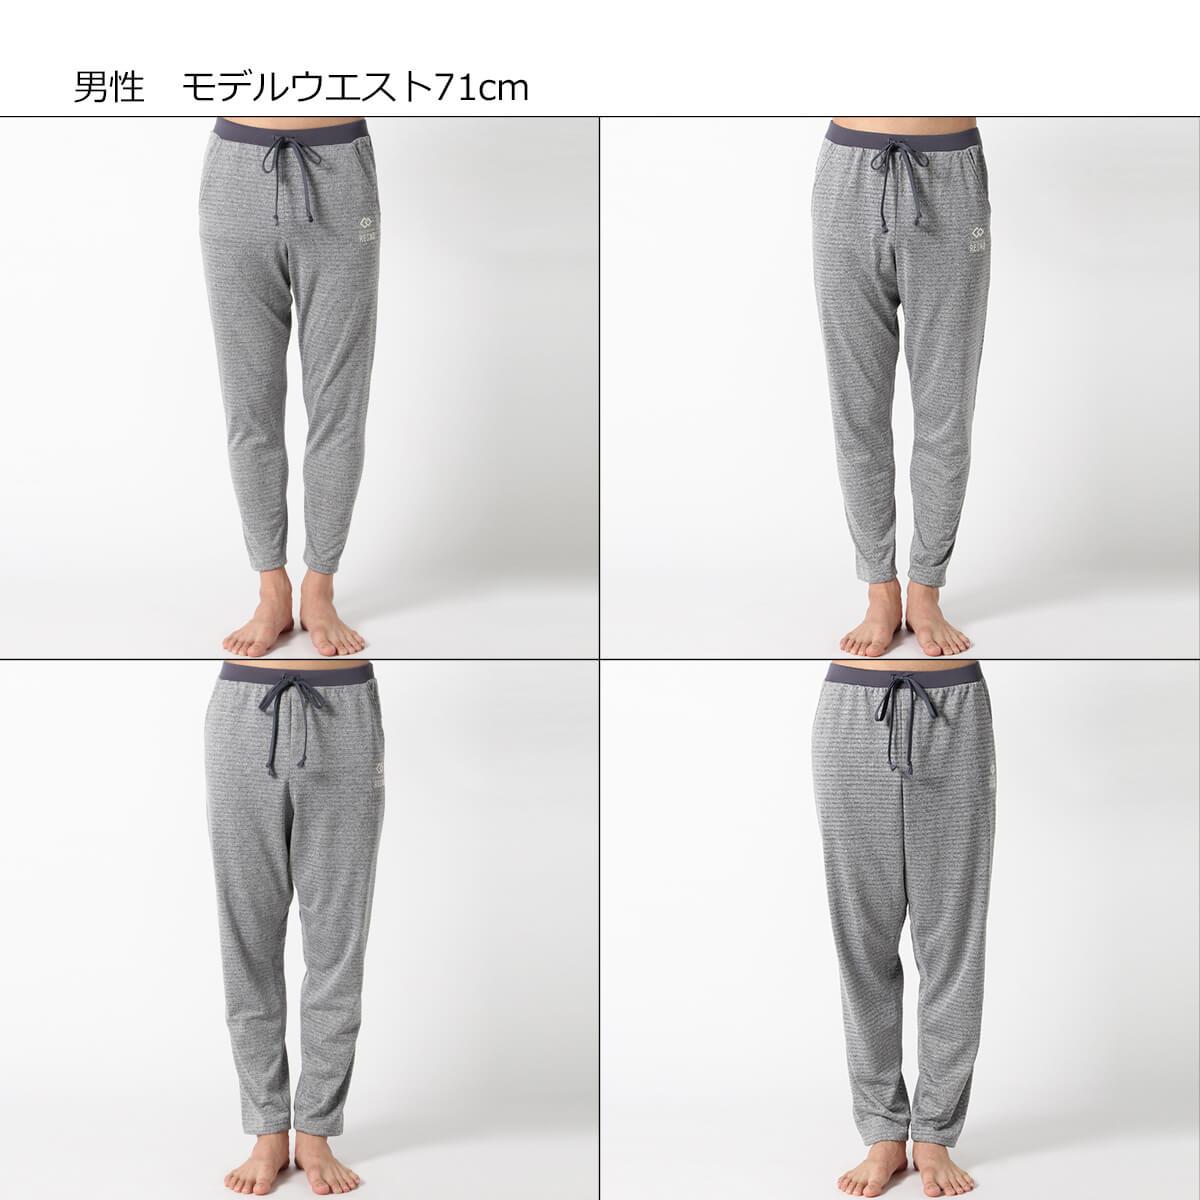 ※着用サイズ:左上/S、右上/M、左下/L、右下/XL